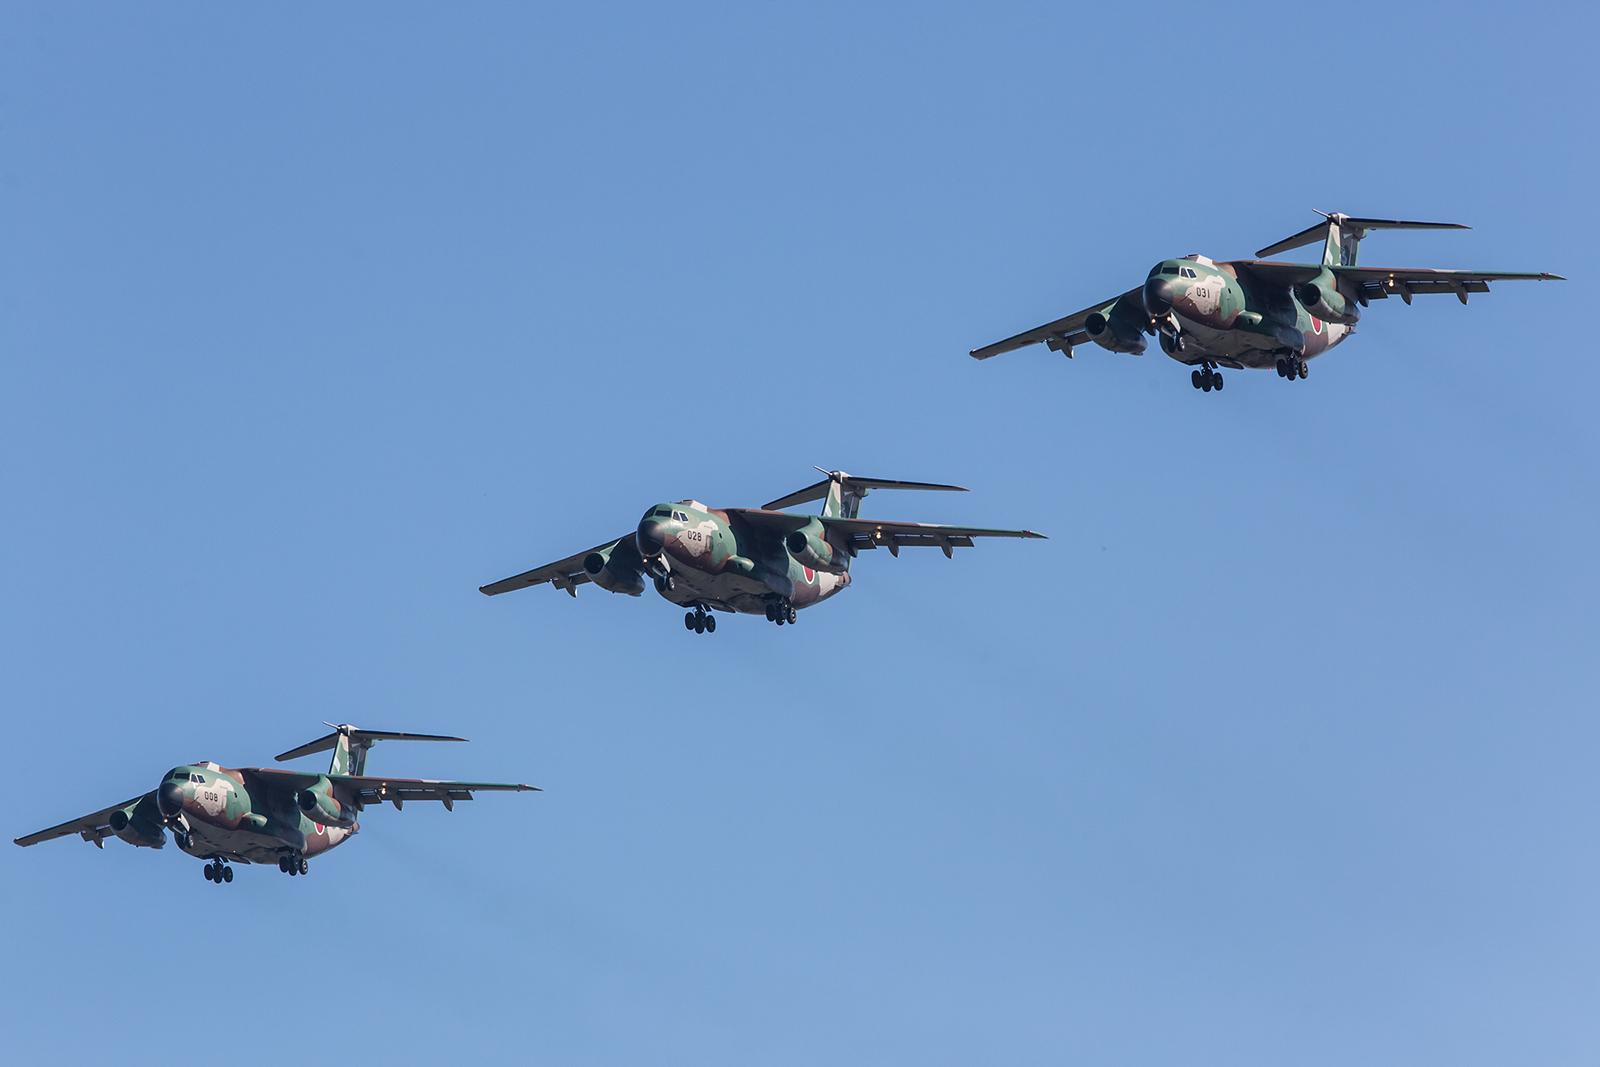 Formation aus drei C-1 Transportern.